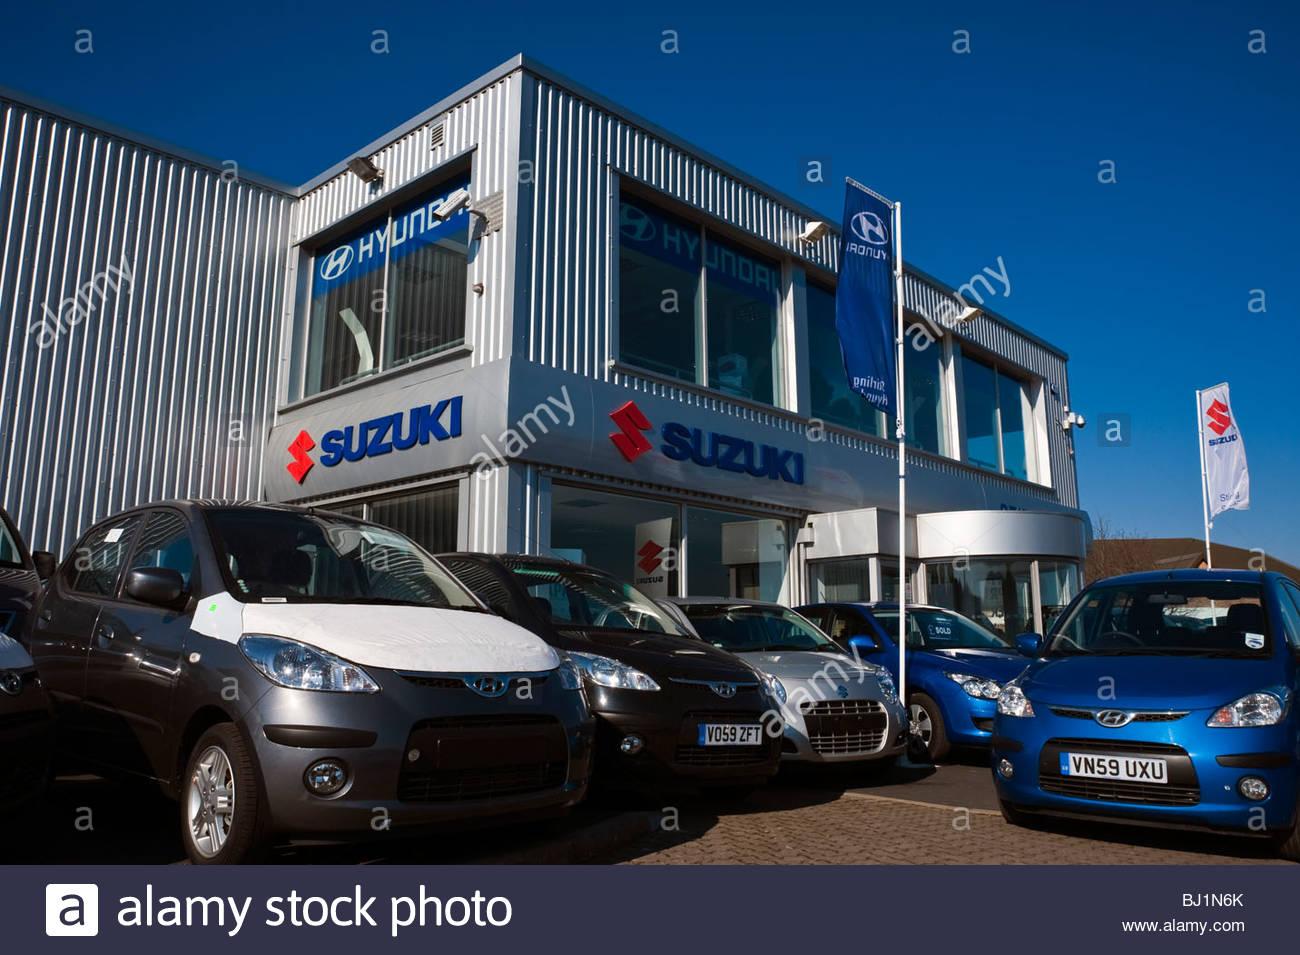 Concesionario de venta de automóviles Suzuki en Callow, cerca de Hereford, Reino Unido. Coches nuevos en concesionarios Imagen De Stock